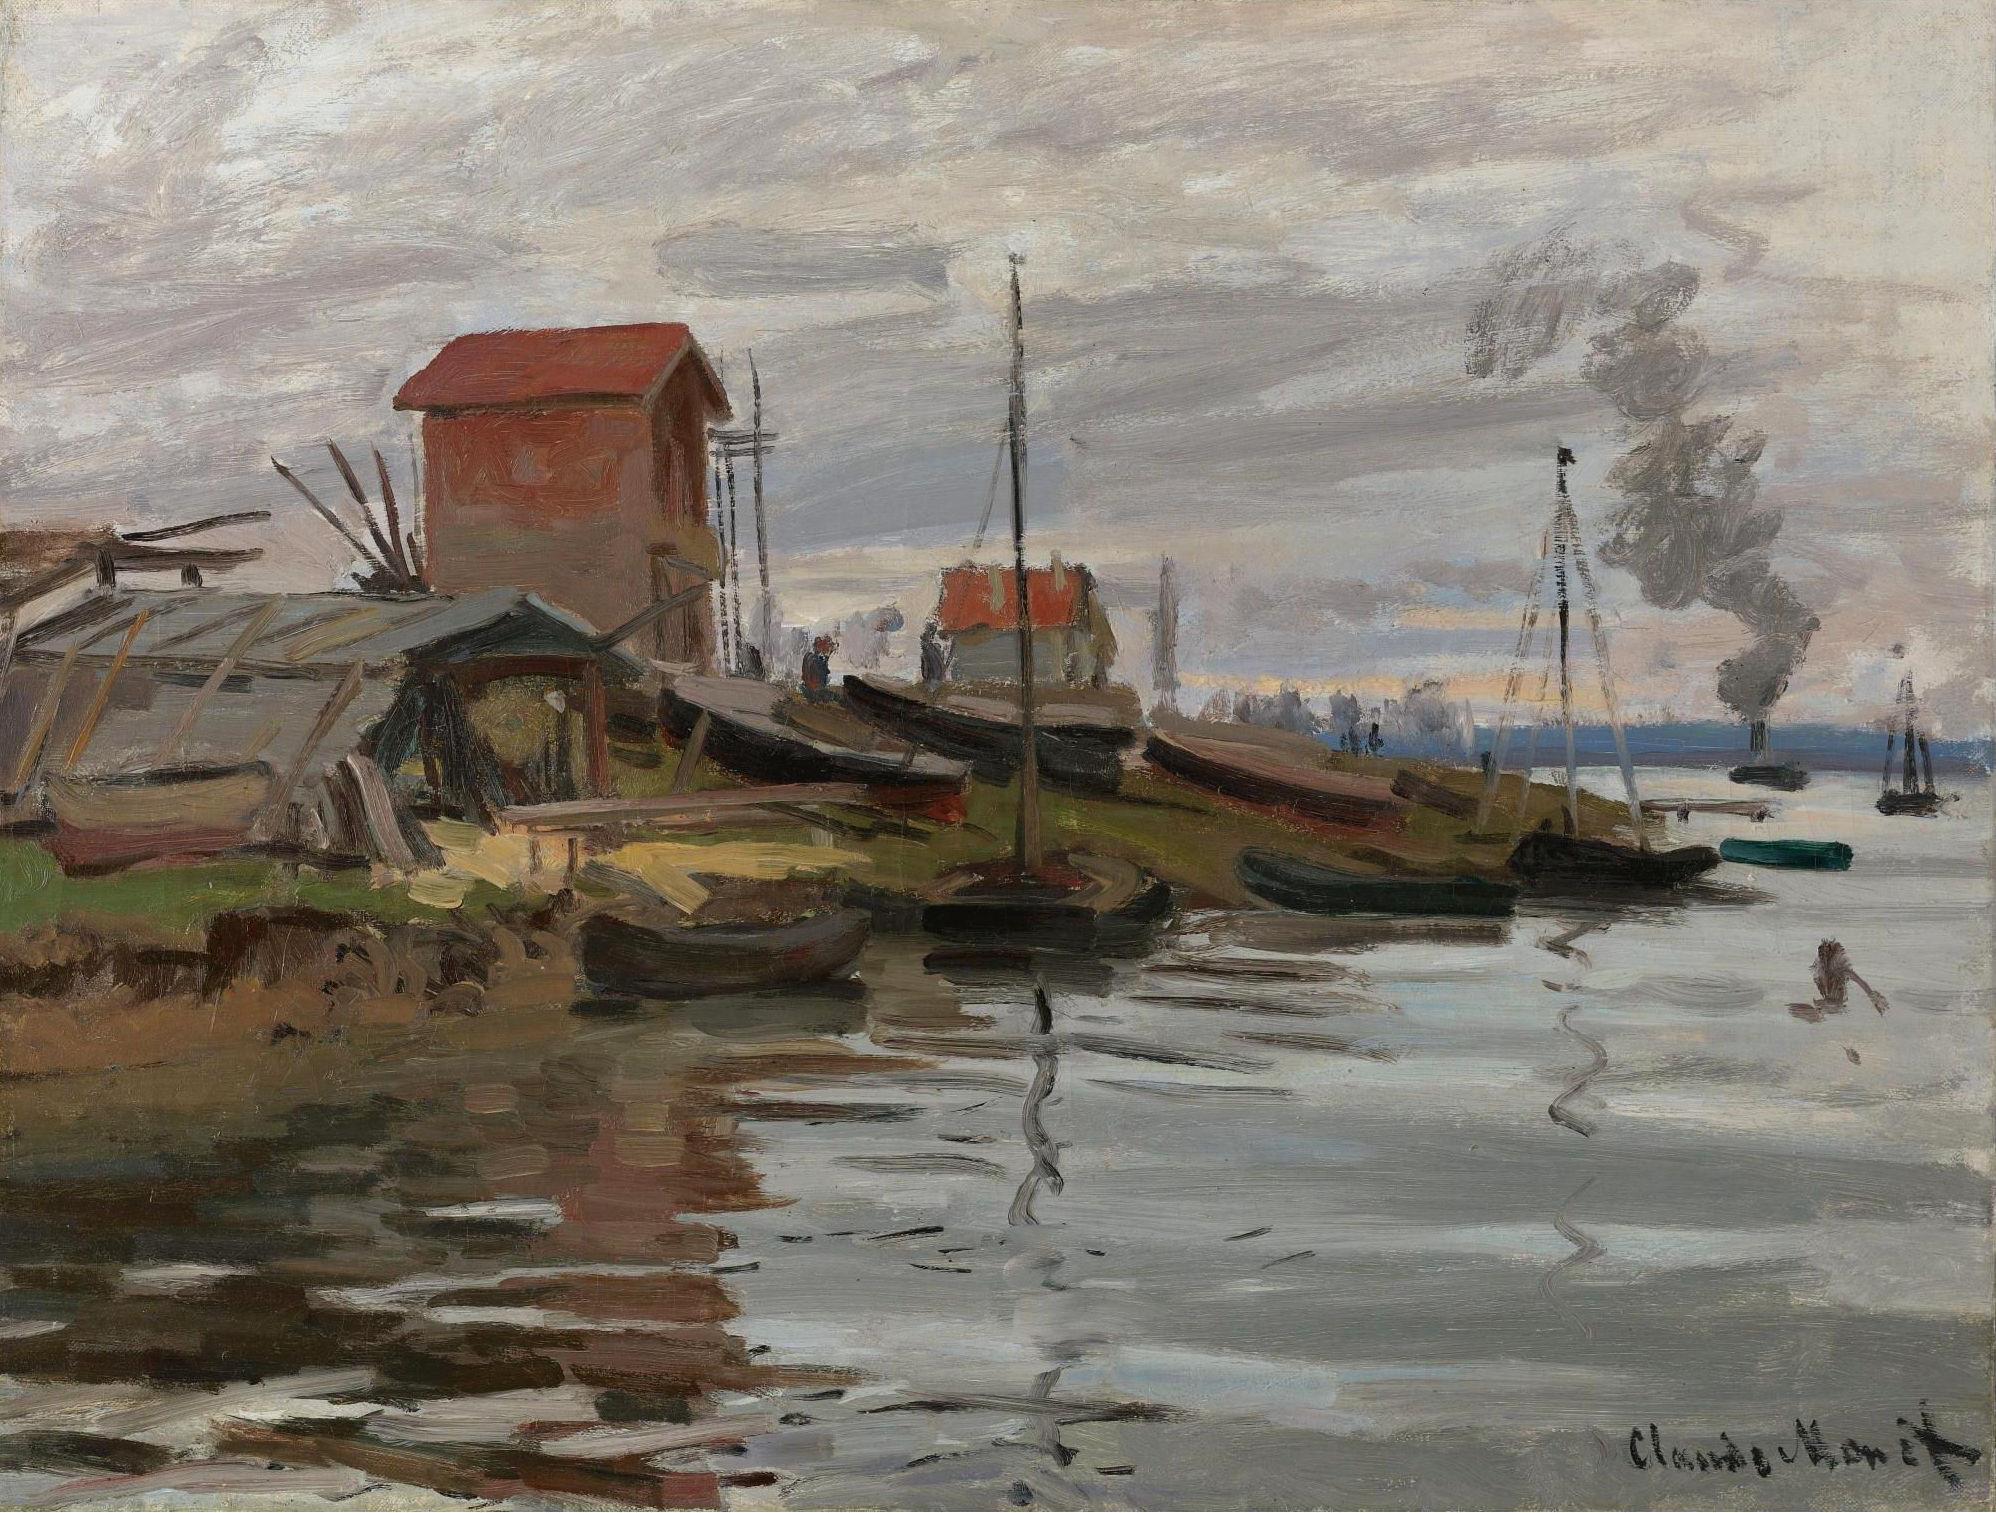 Impressionist / Neoimpressionist Art-Sotheby`s Auction Lots часть №1. (592  работ) (1 часть) » Страница 2 » Картины, художники, фотографы на Nevsepic